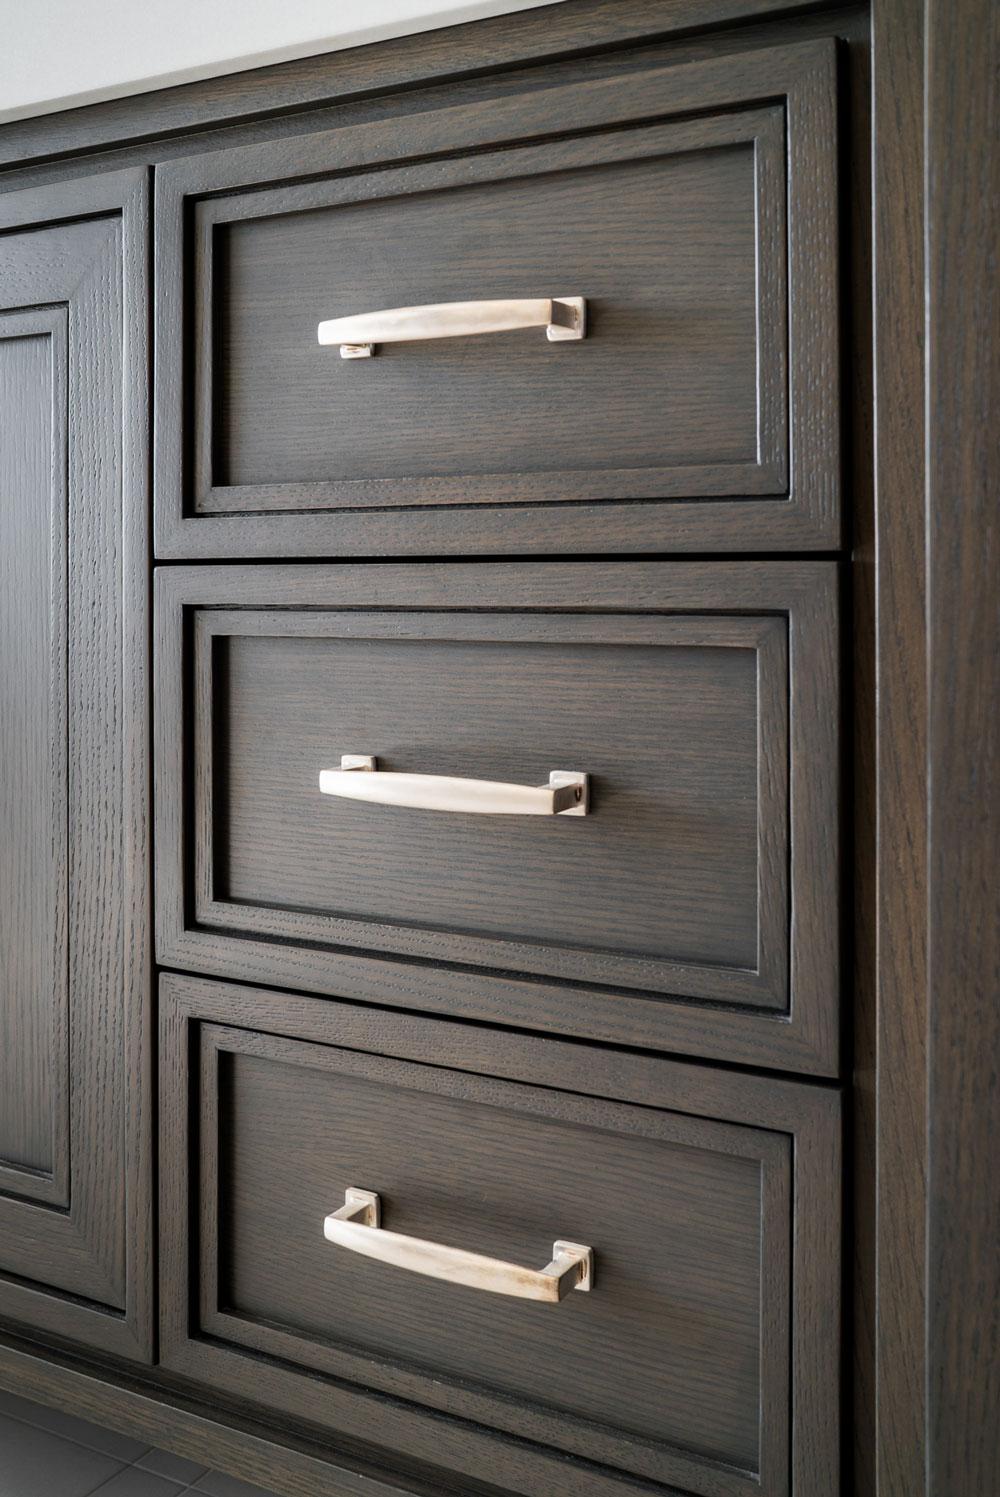 Cabinetry-Detail-Corbin-Reeves.jpg